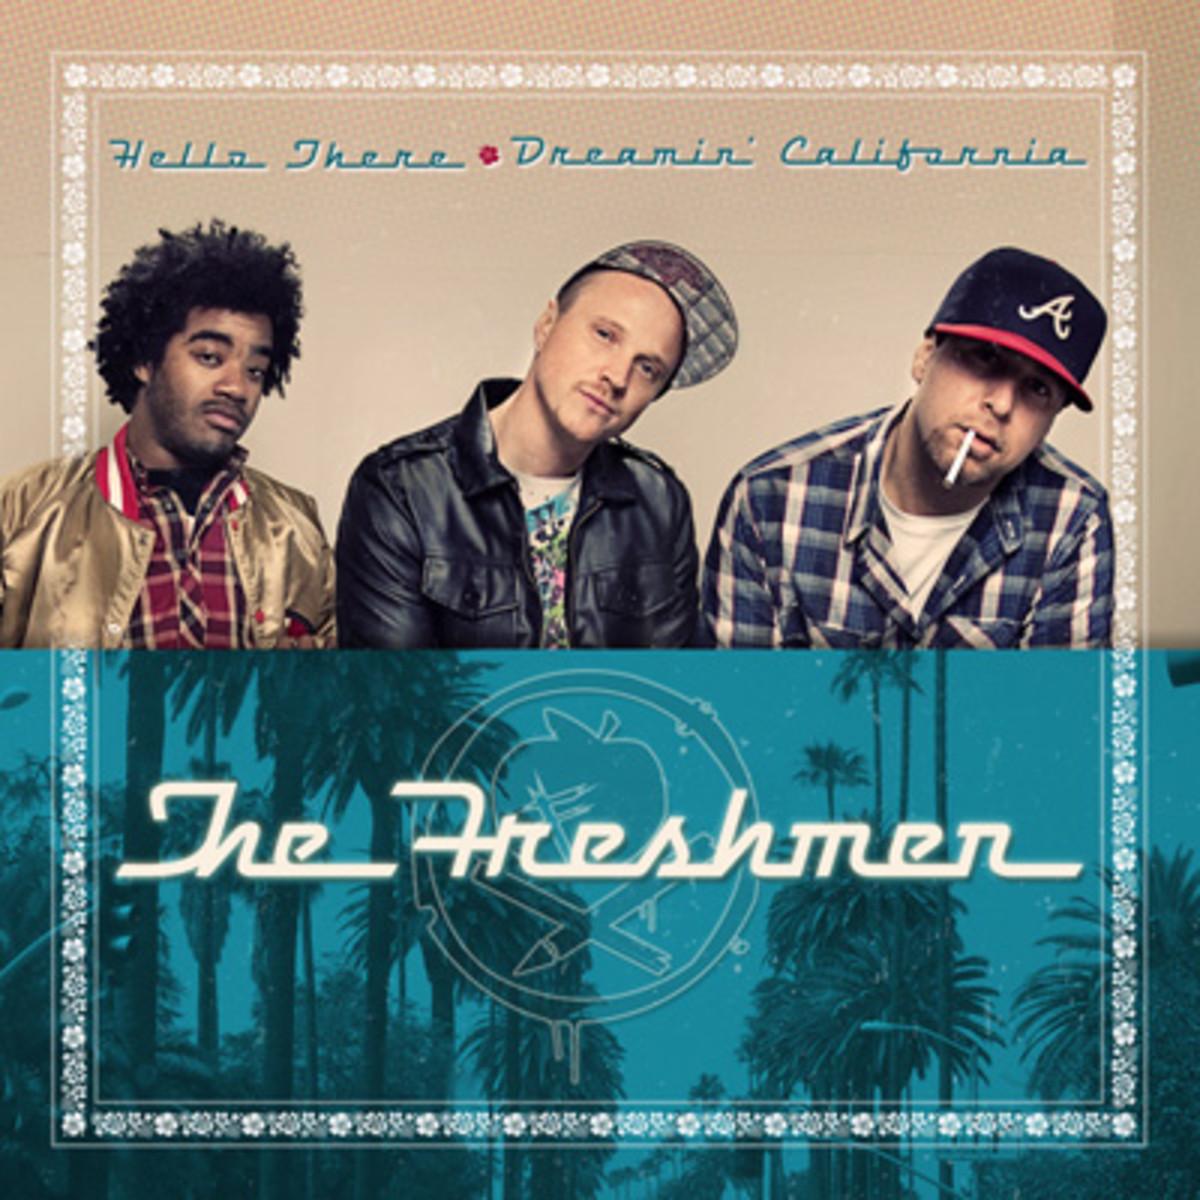 thefreshmen-dreamincalifornia.jpg